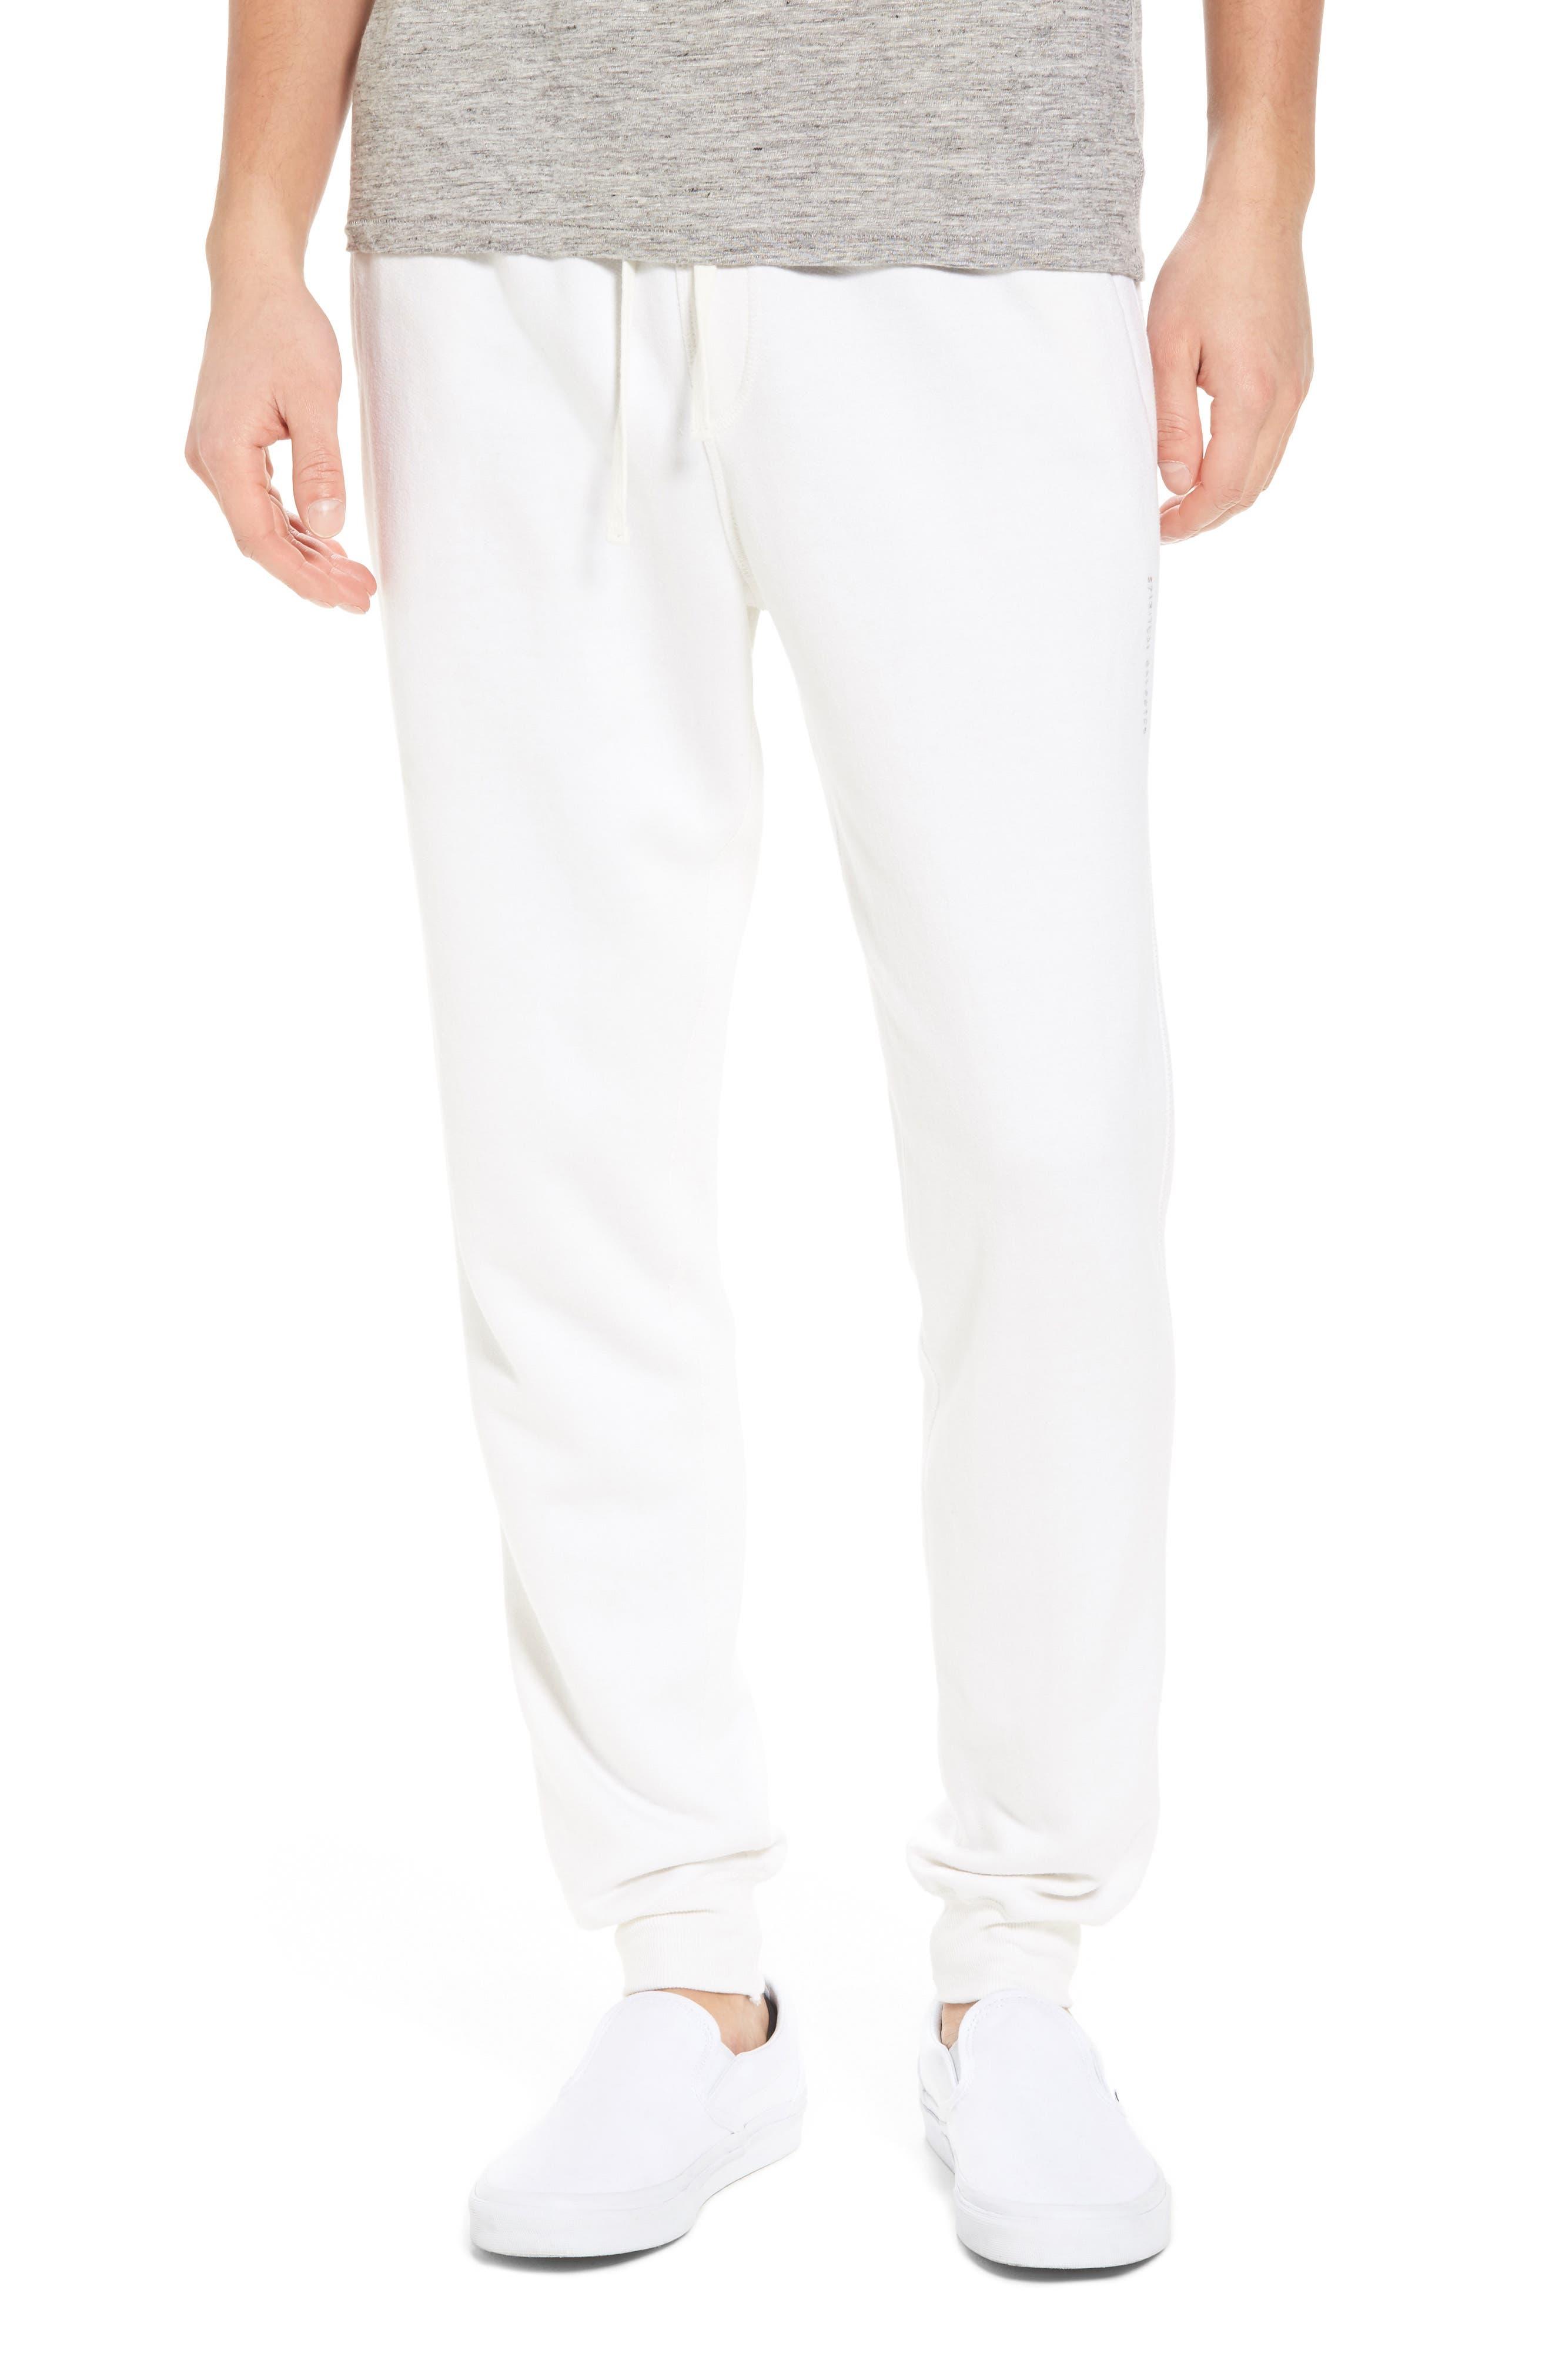 Restore Jogger Pants,                         Main,                         color, 100